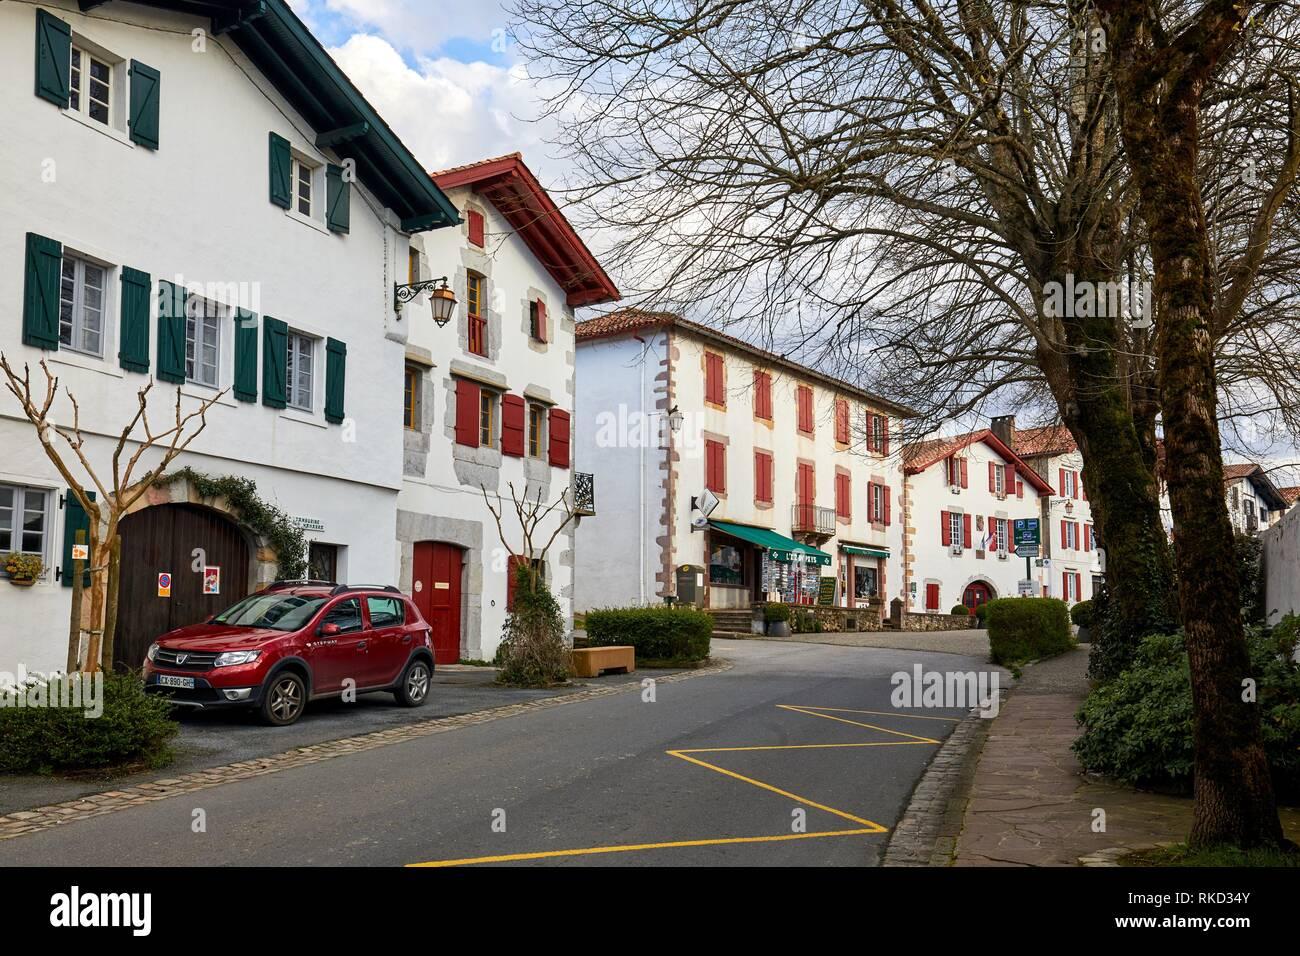 Quartier Karrika, Ainhoa, Pyrénées-Atlantiques, Aquitaine region, France, Europe - Stock Image